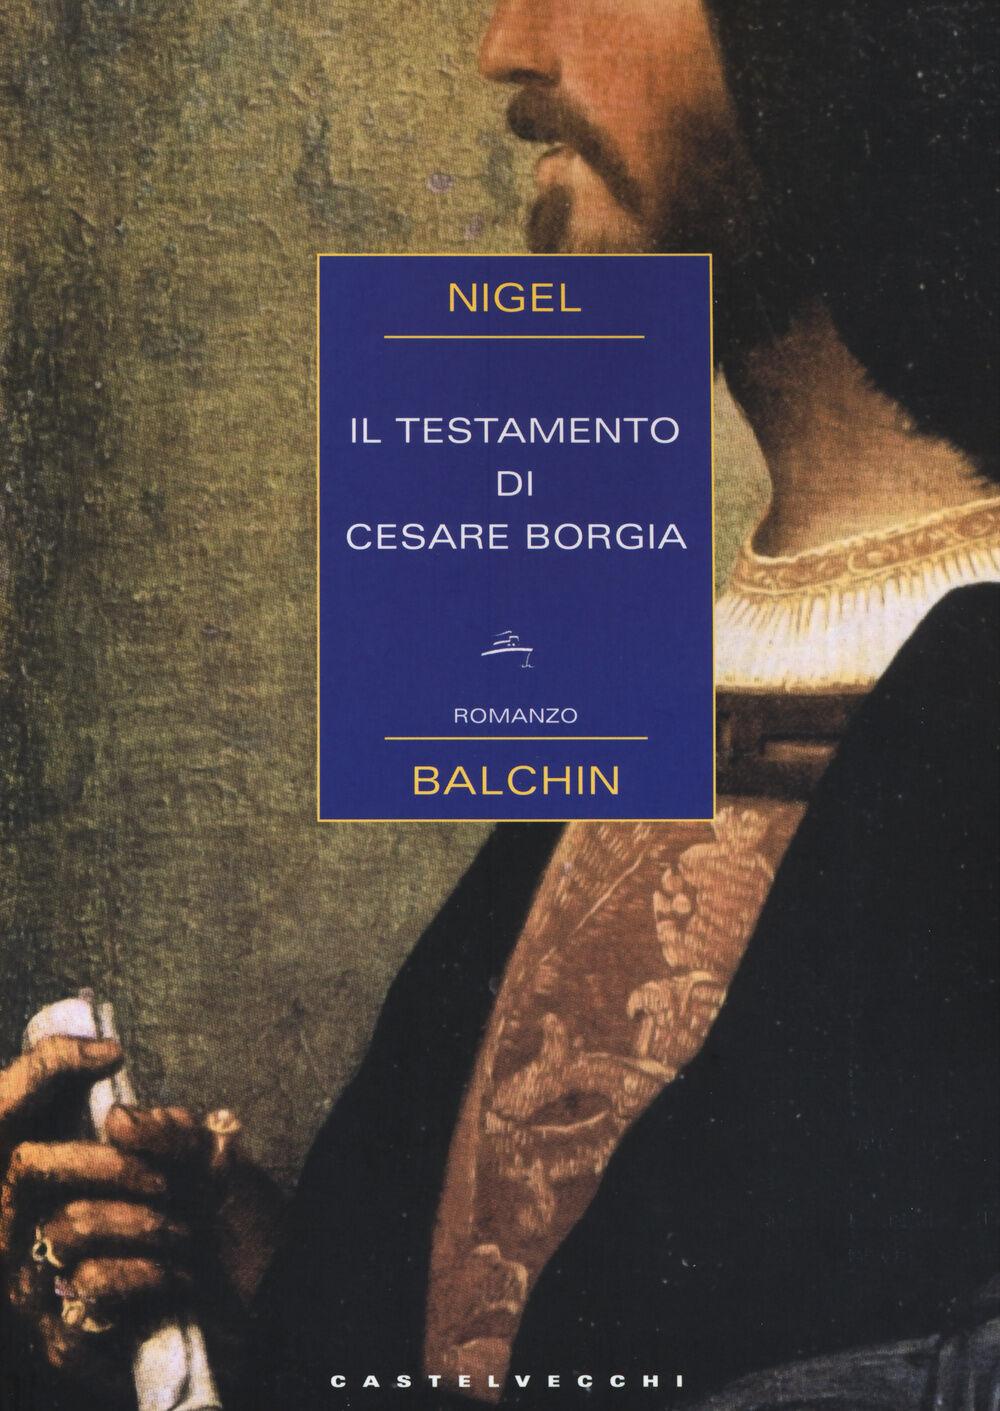 Il testamento di Cesare Borgia